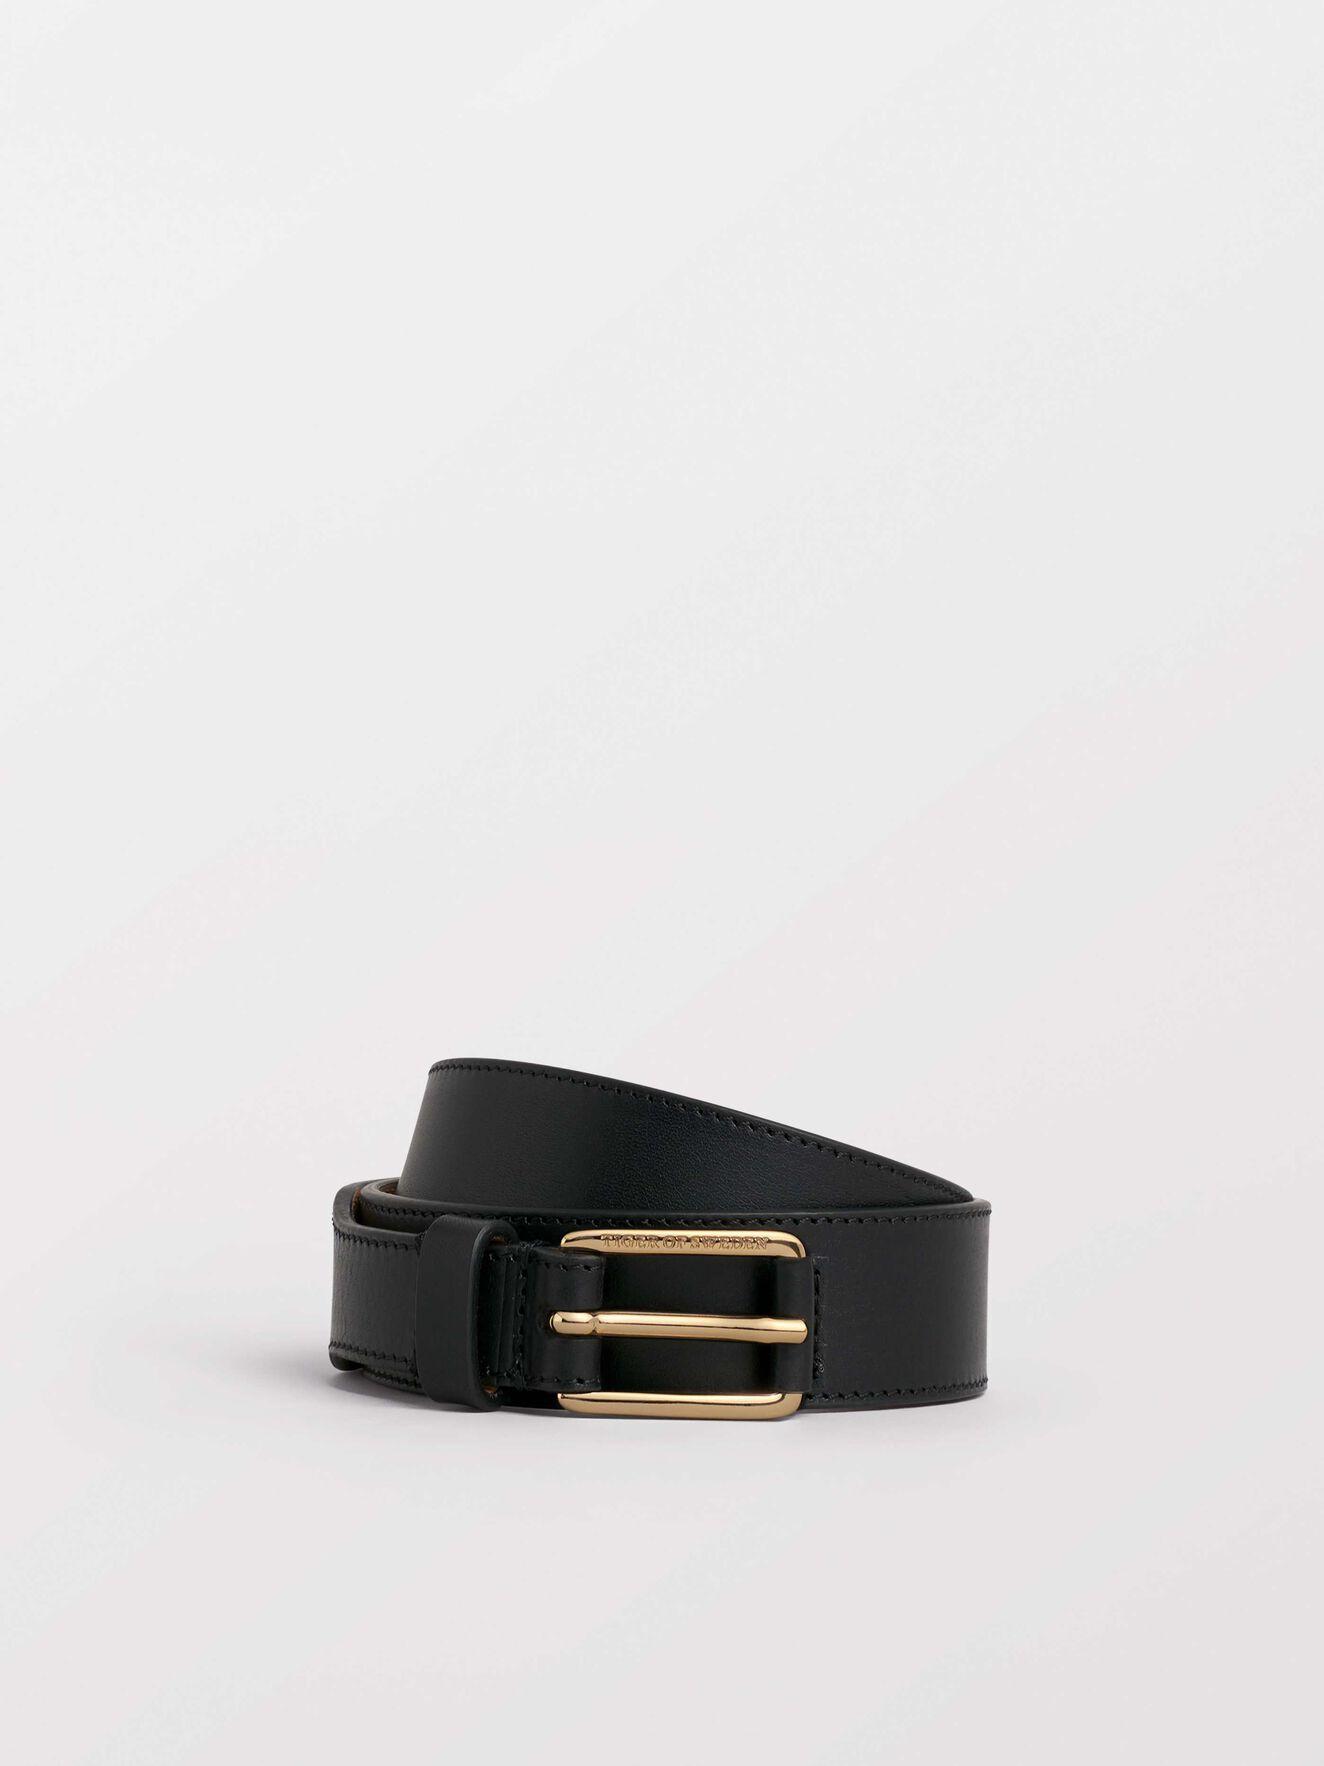 Erythro Belt in Black from Tiger of Sweden